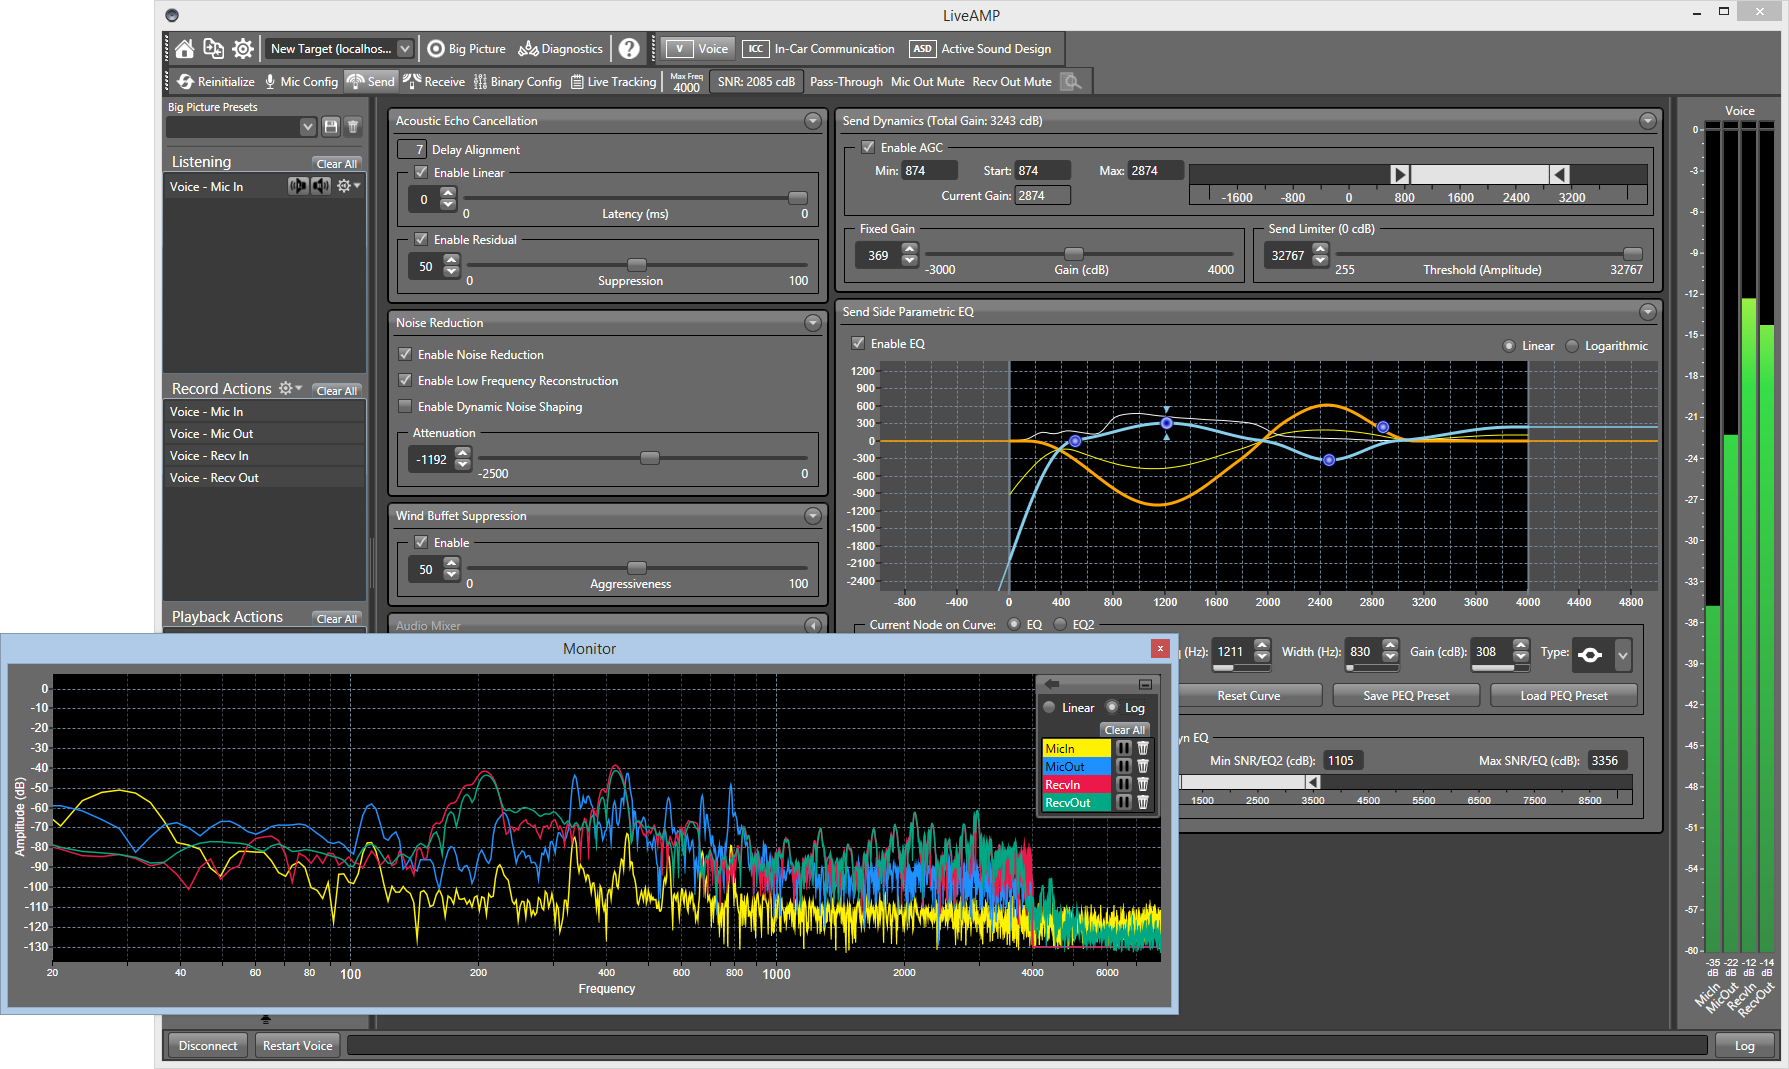 QNX Acoustics for Voice